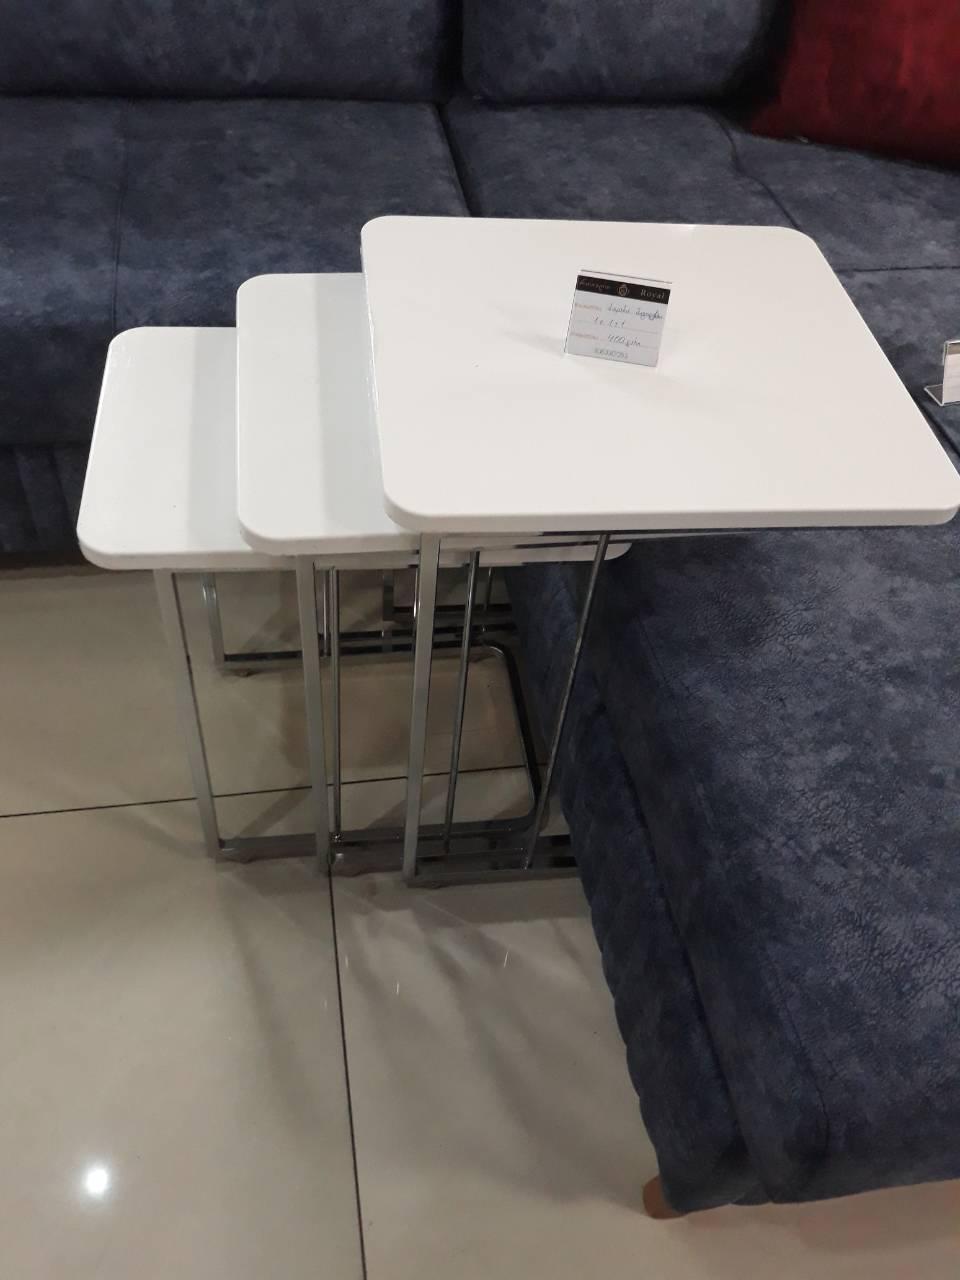 ჟურნალების მაგიდა